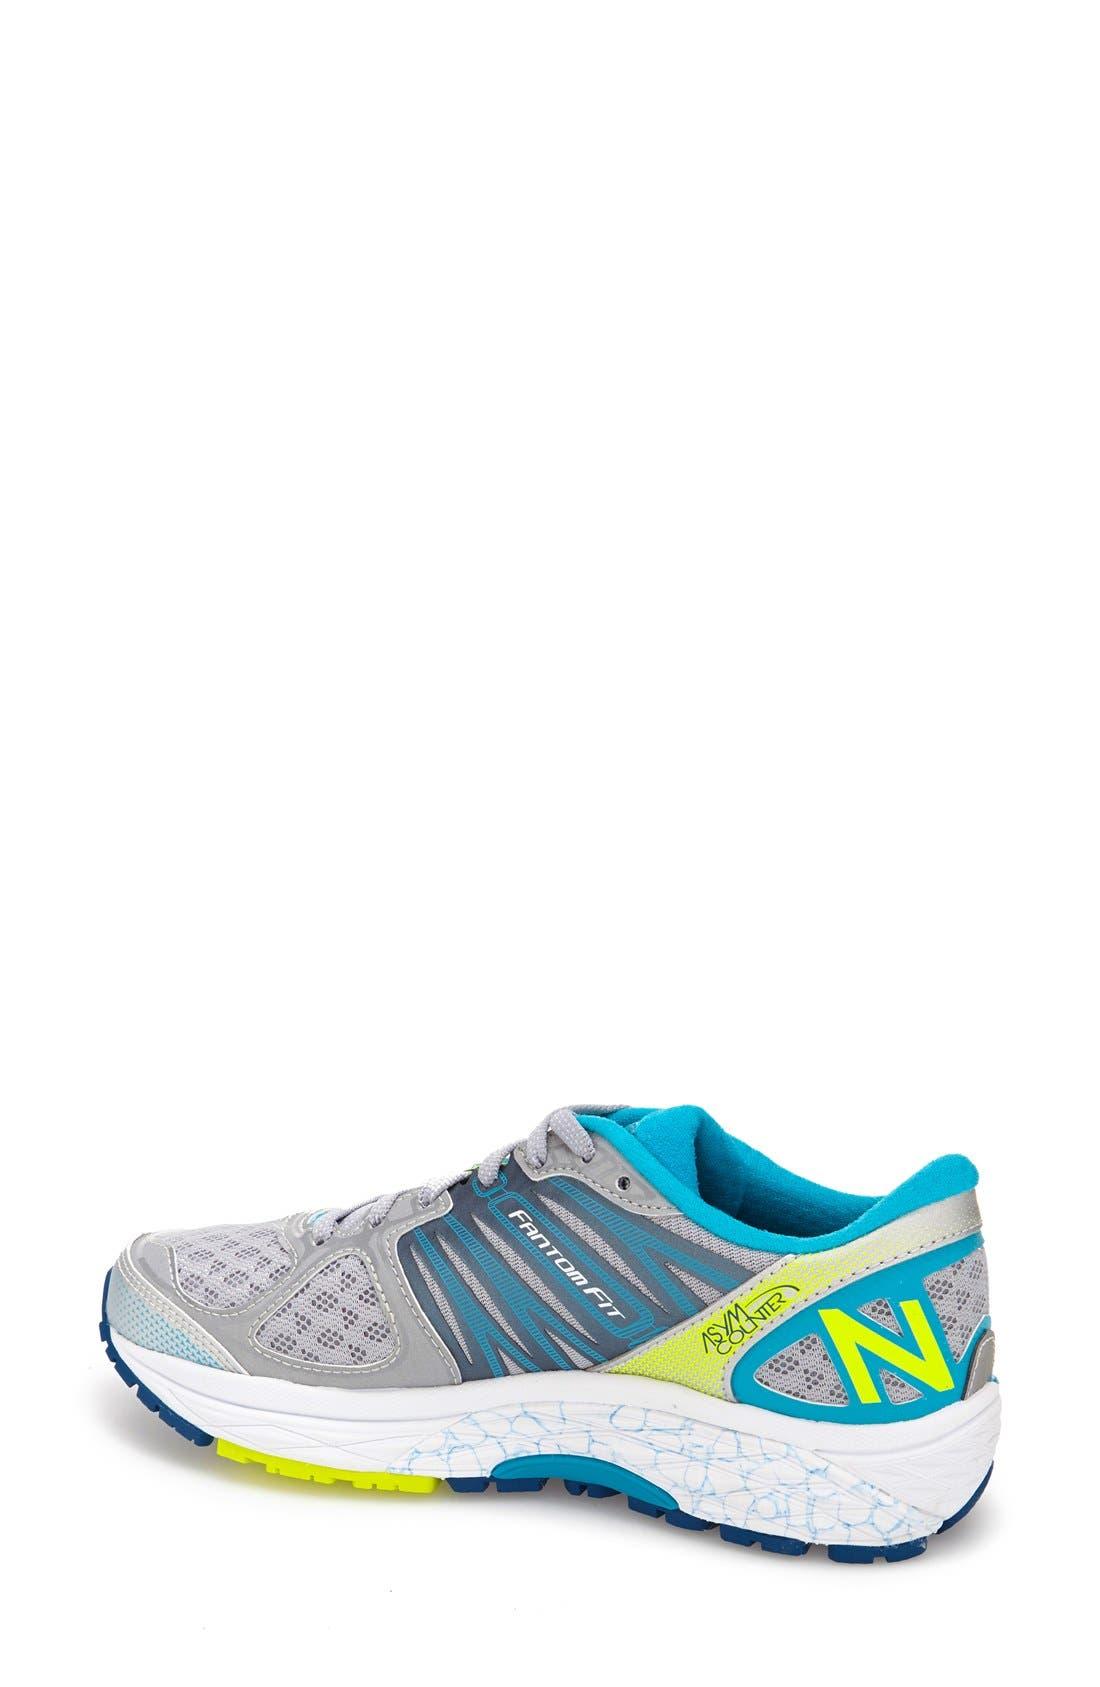 1260 v5' Running Shoe,                             Alternate thumbnail 2, color,                             041